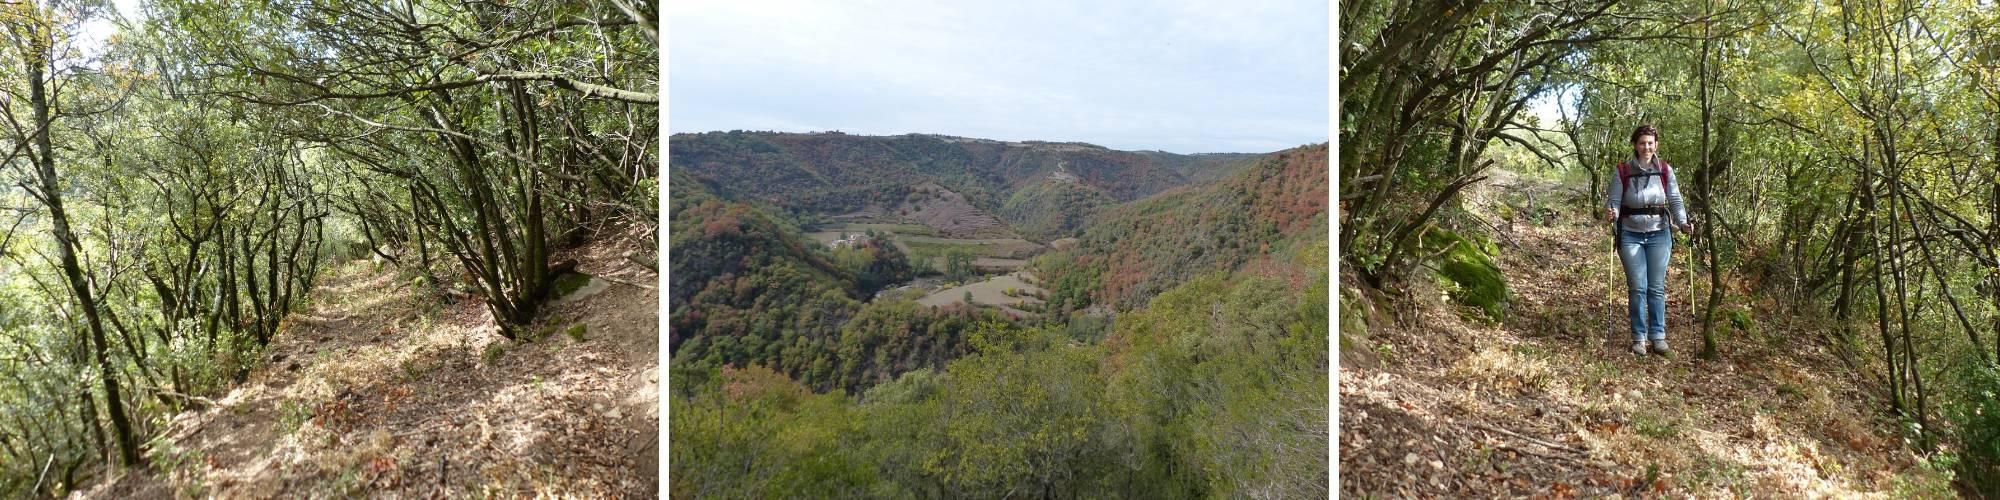 Randonnée en famille autour de Tournon sur Rhône